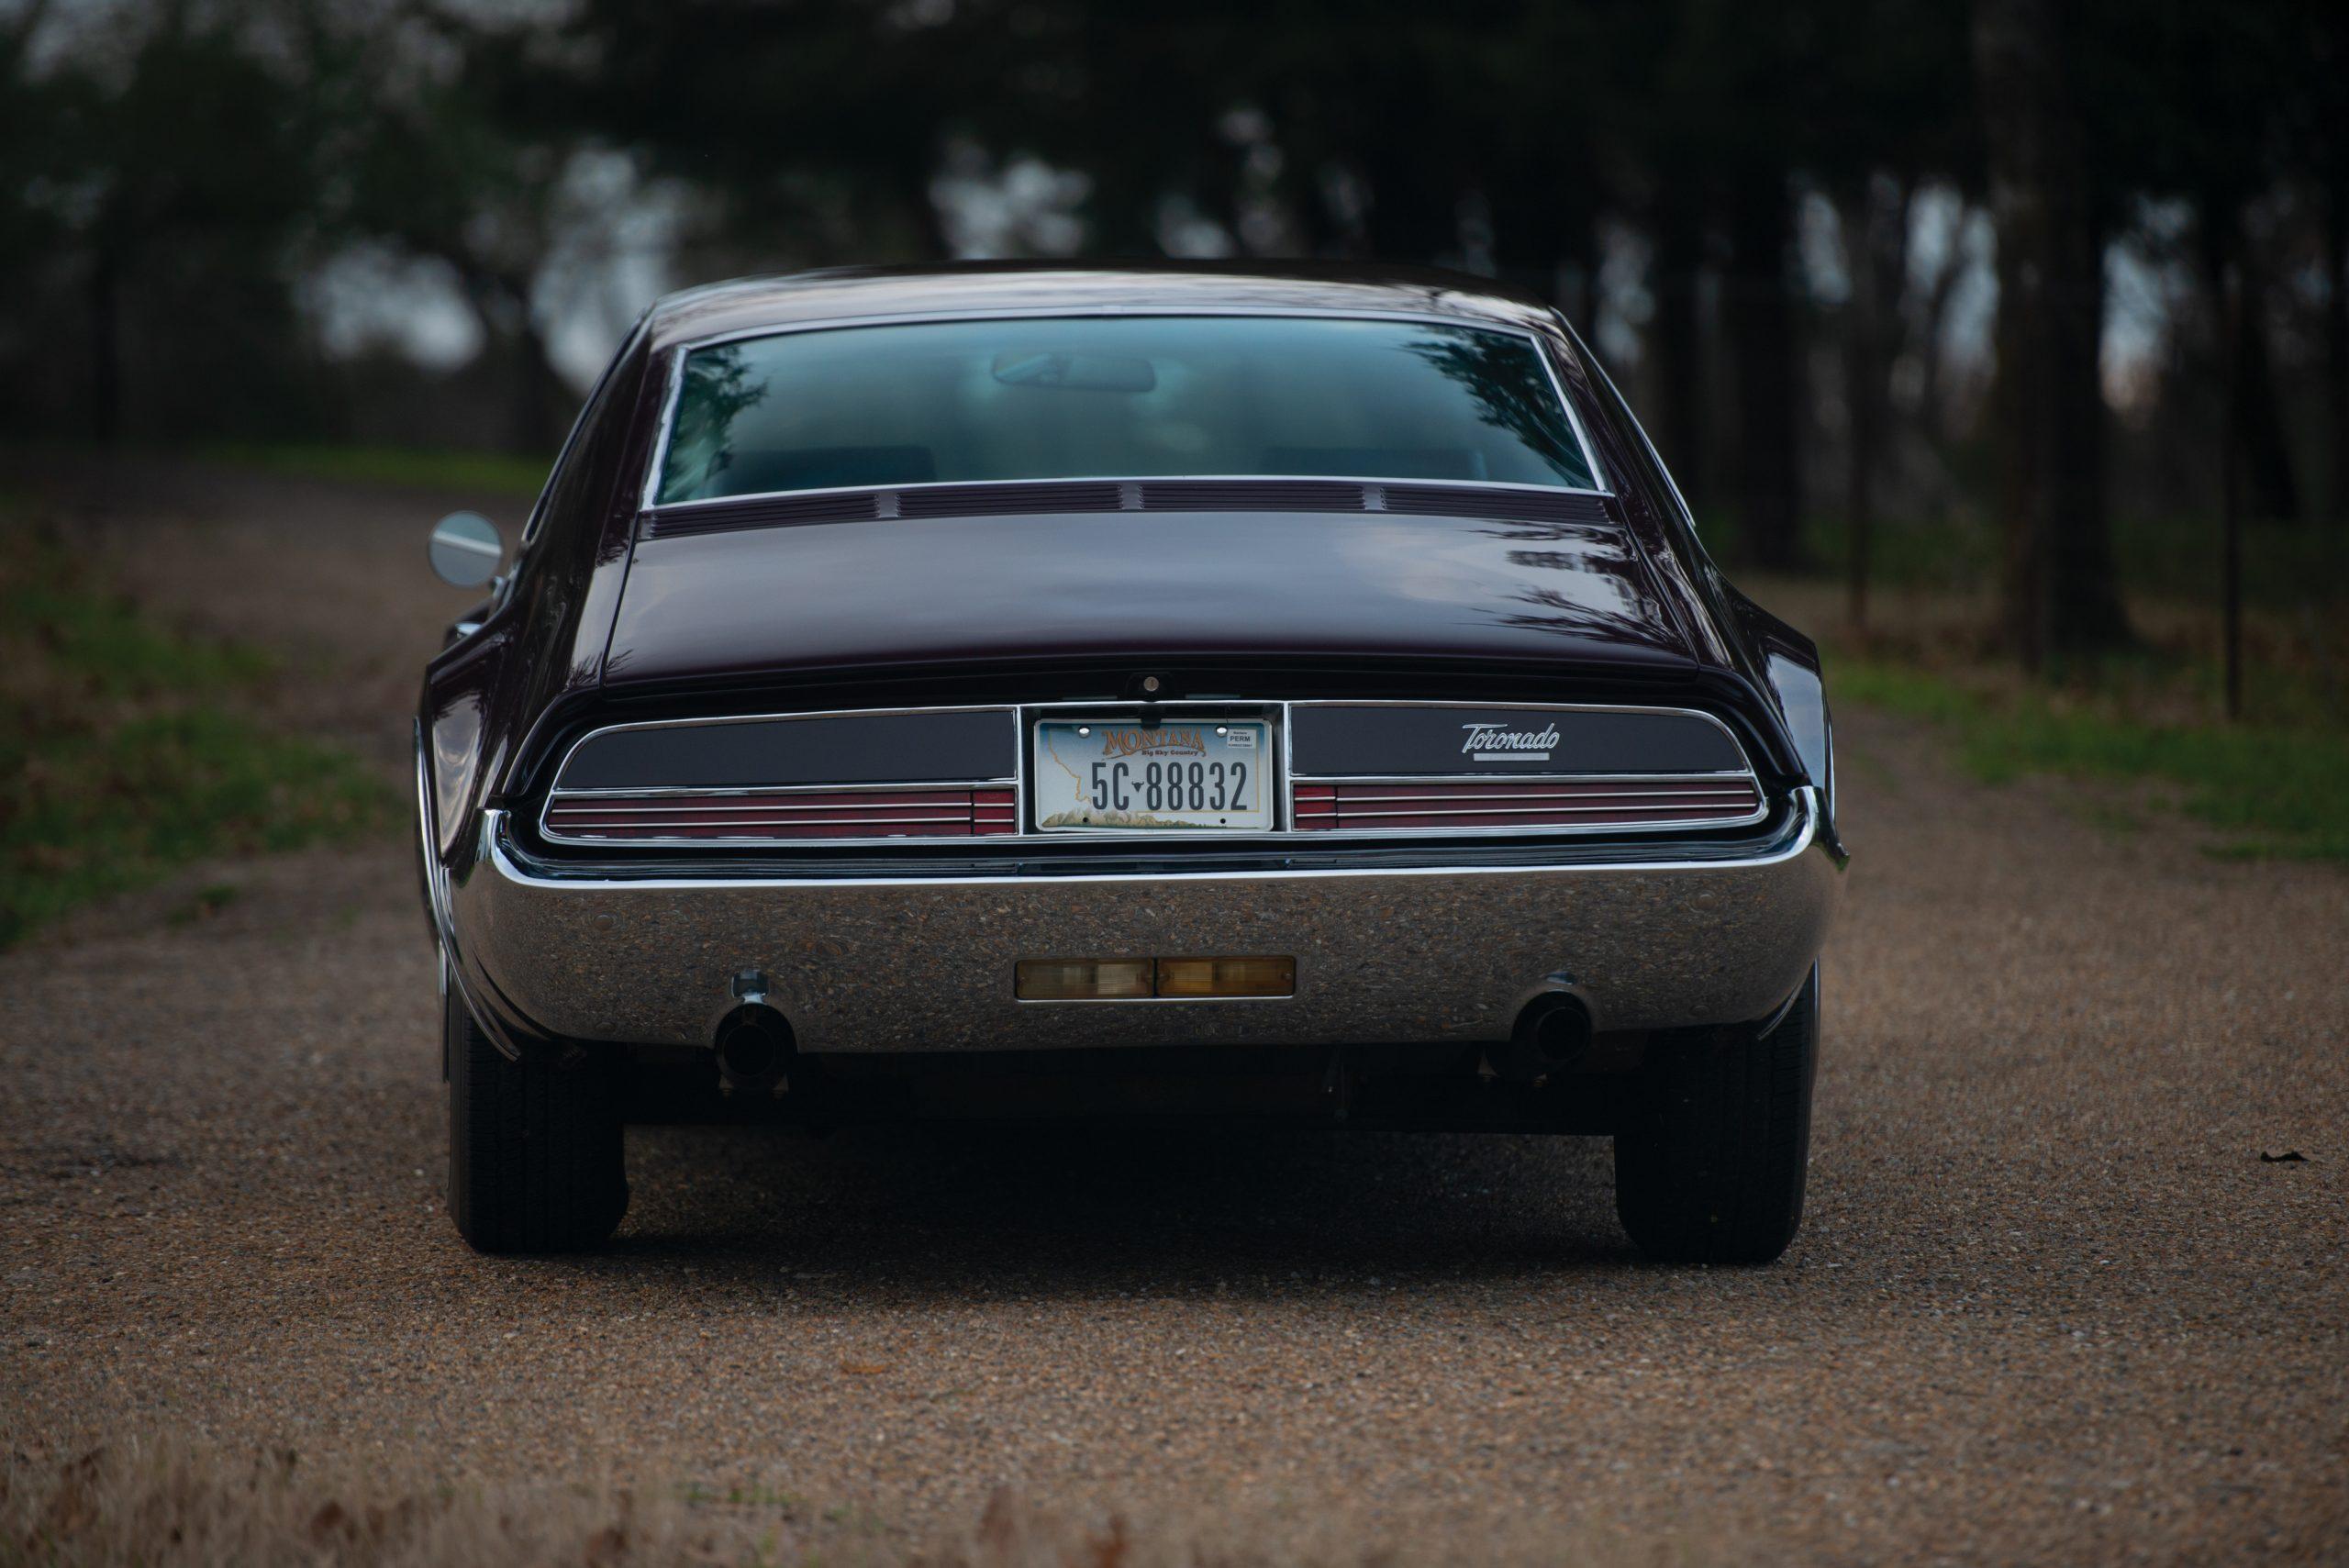 Olds Toronado rear